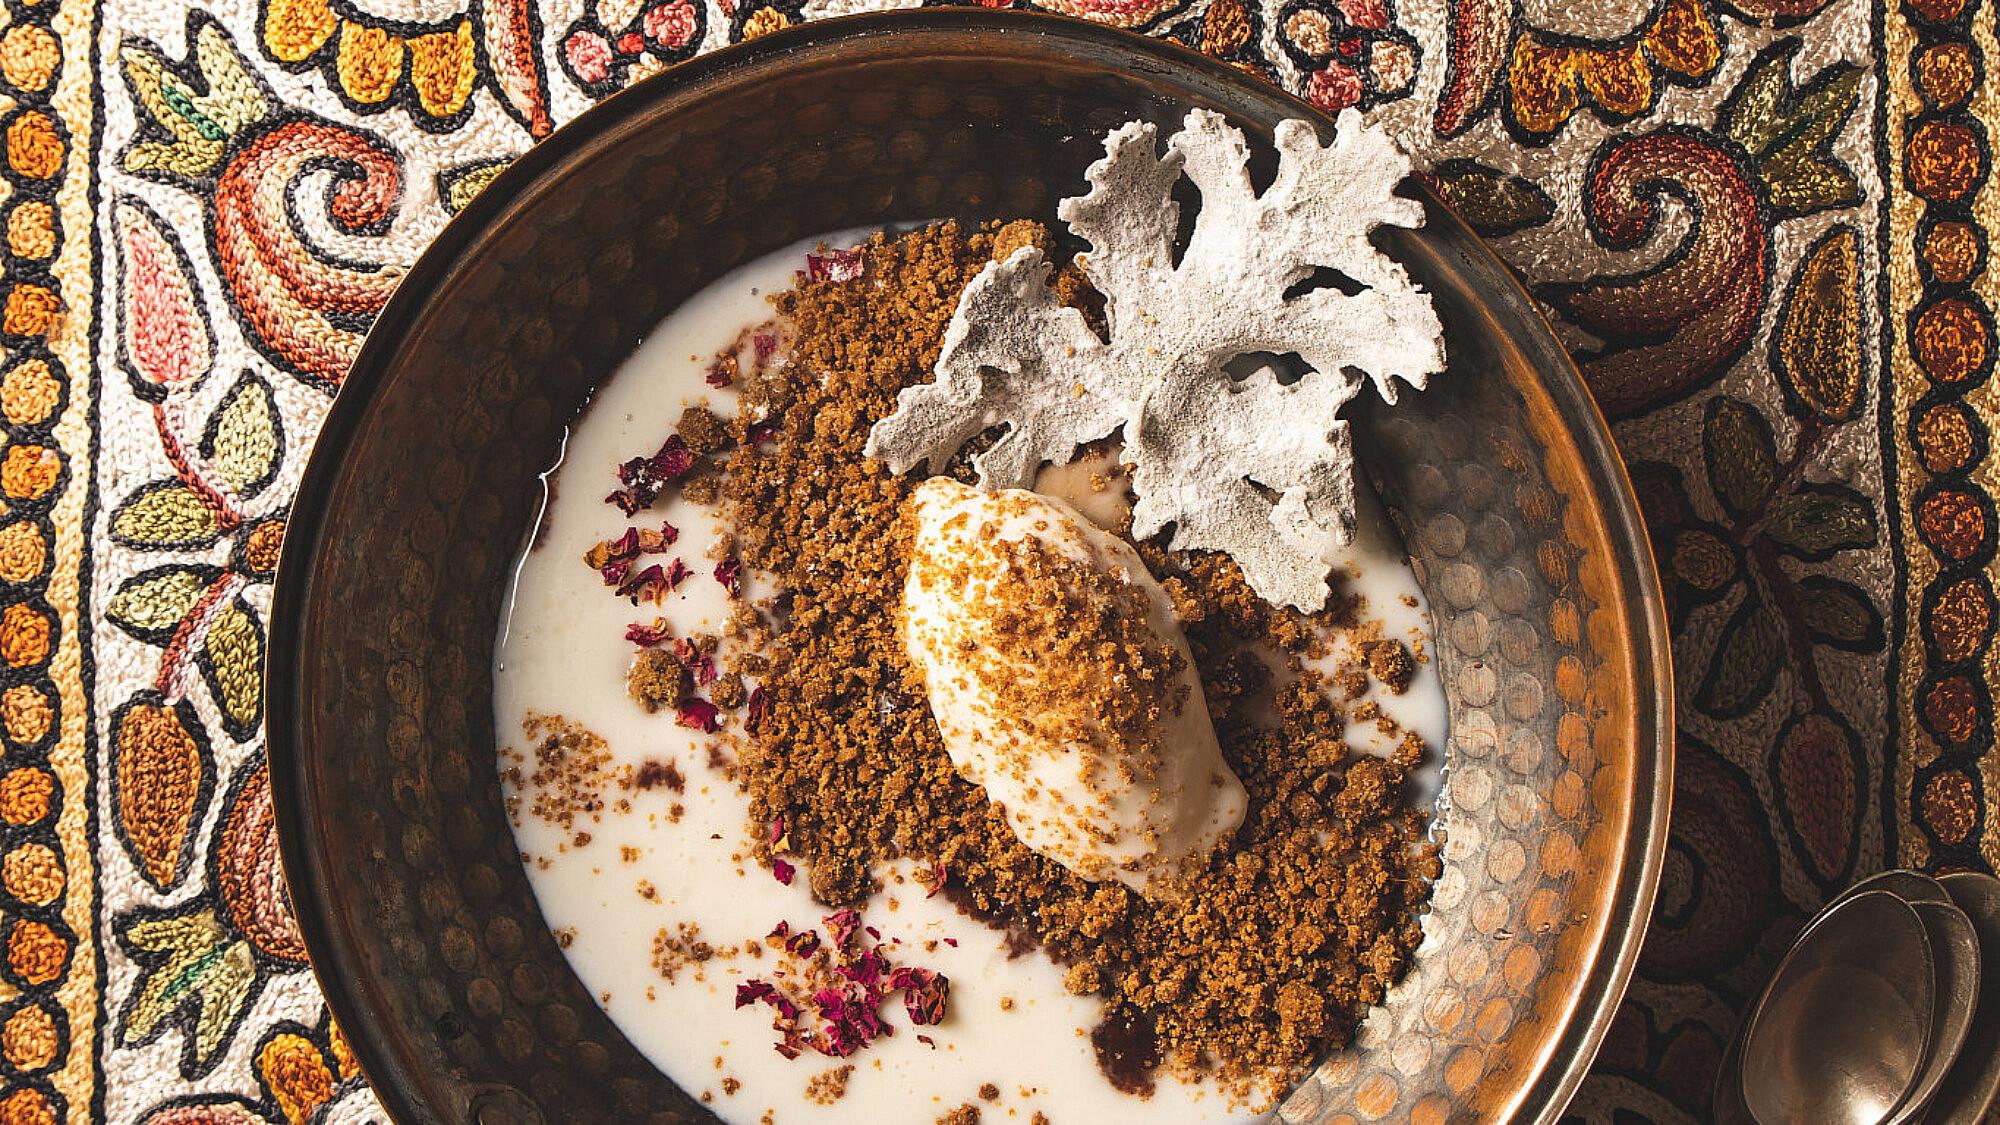 מרק מלבי ובשישה עם טוויל גרניום של שף הלל תווקולי   צילום: שני בריל, סטיילינג: עינב רייכנר